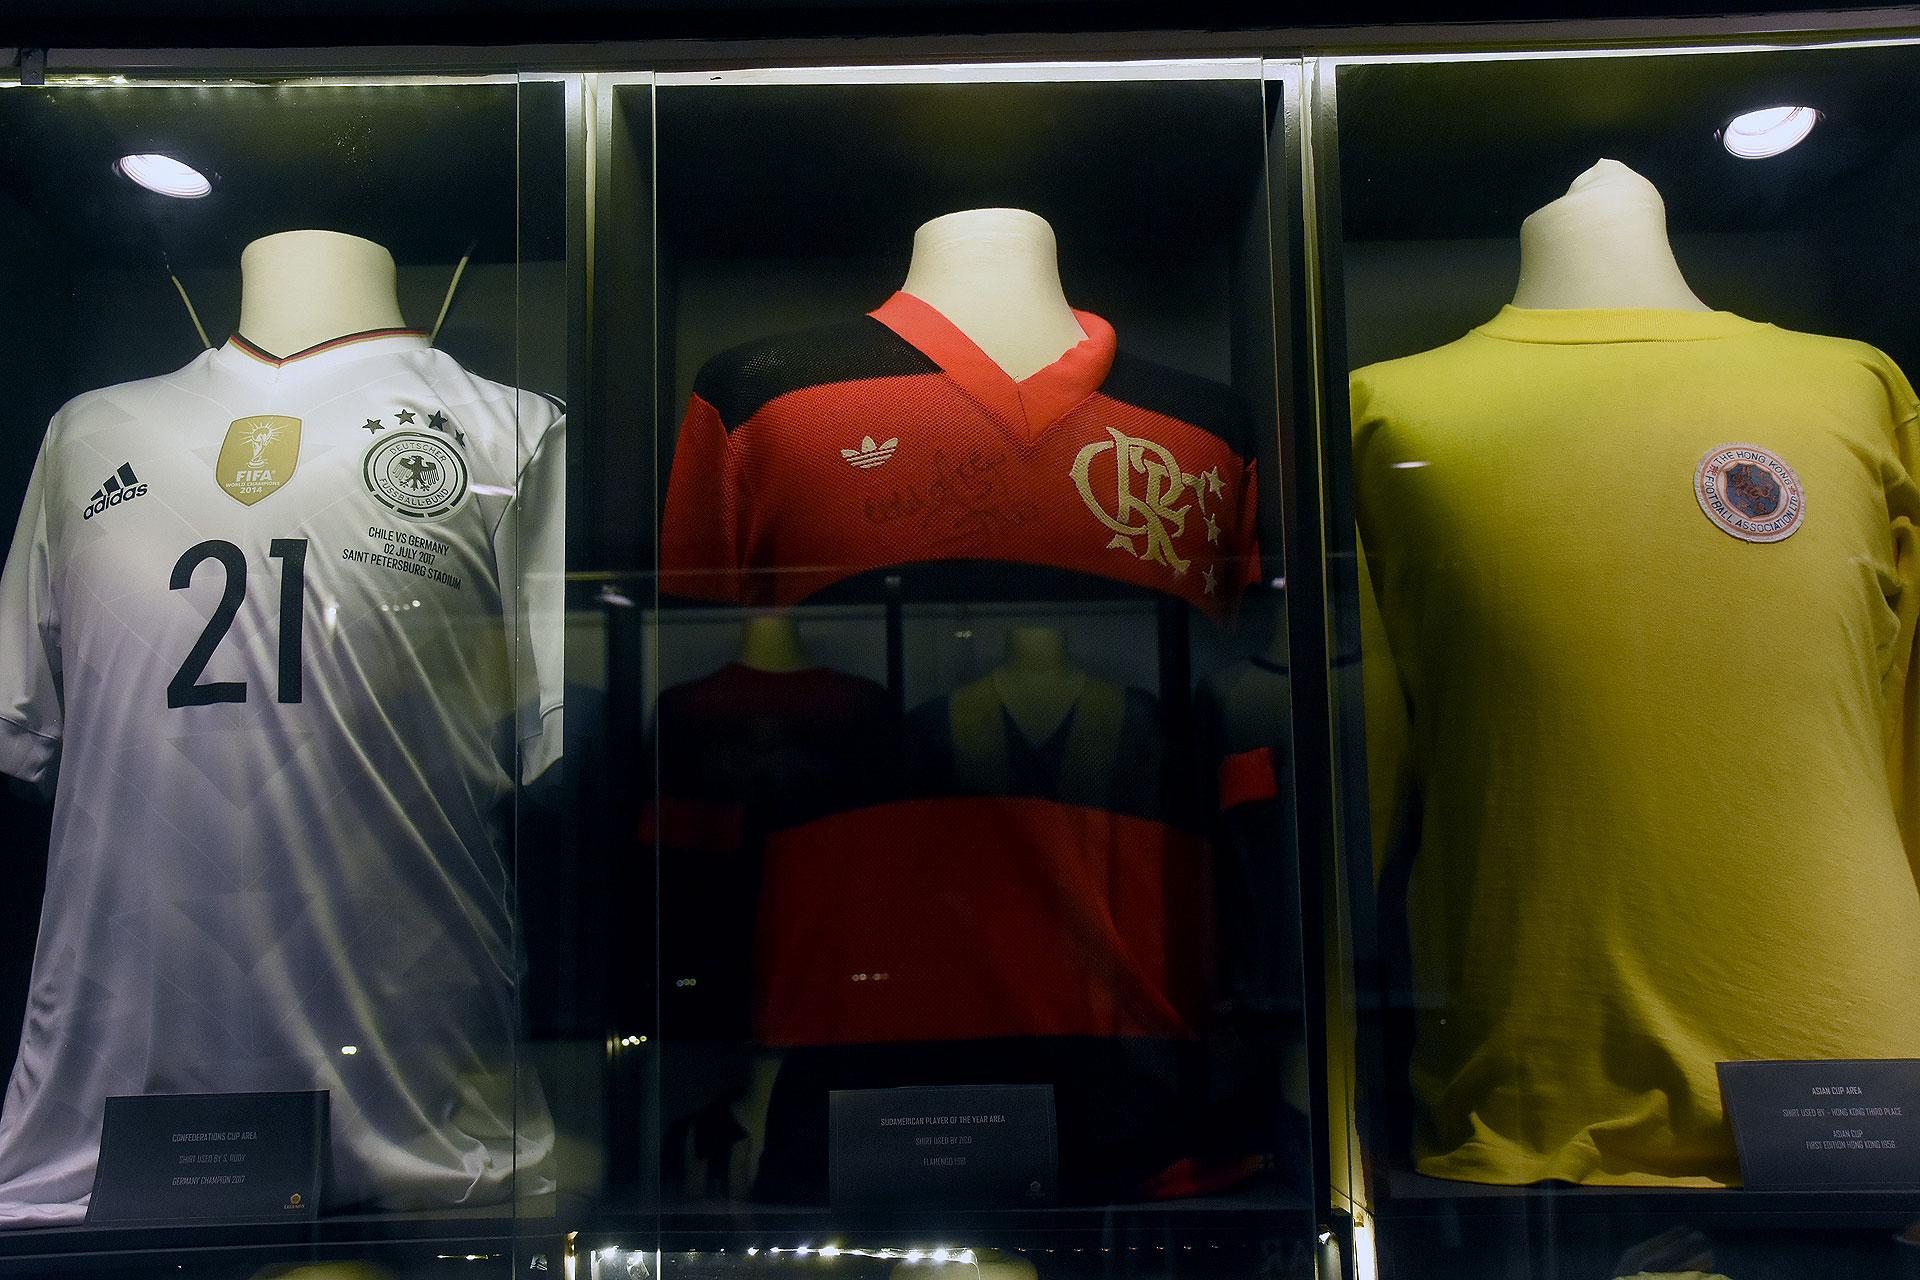 Alemania, Flamengo de Brasil y Hong Kong, presentes en el Museo Legends (Nicolas Stulberg)